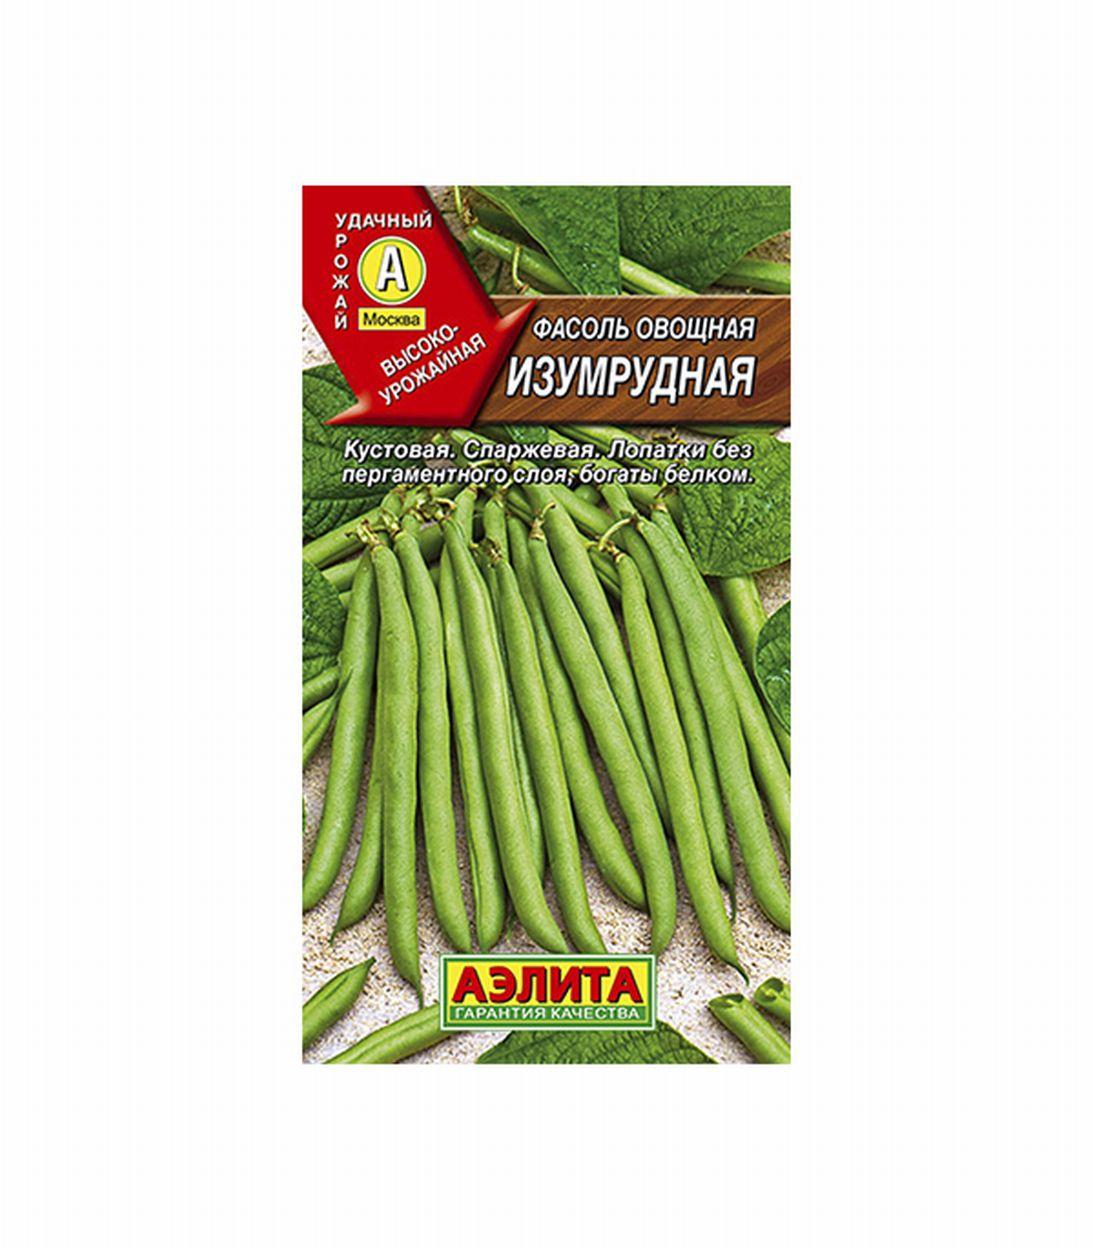 Фасоль овощная Изумрудная Аэлита